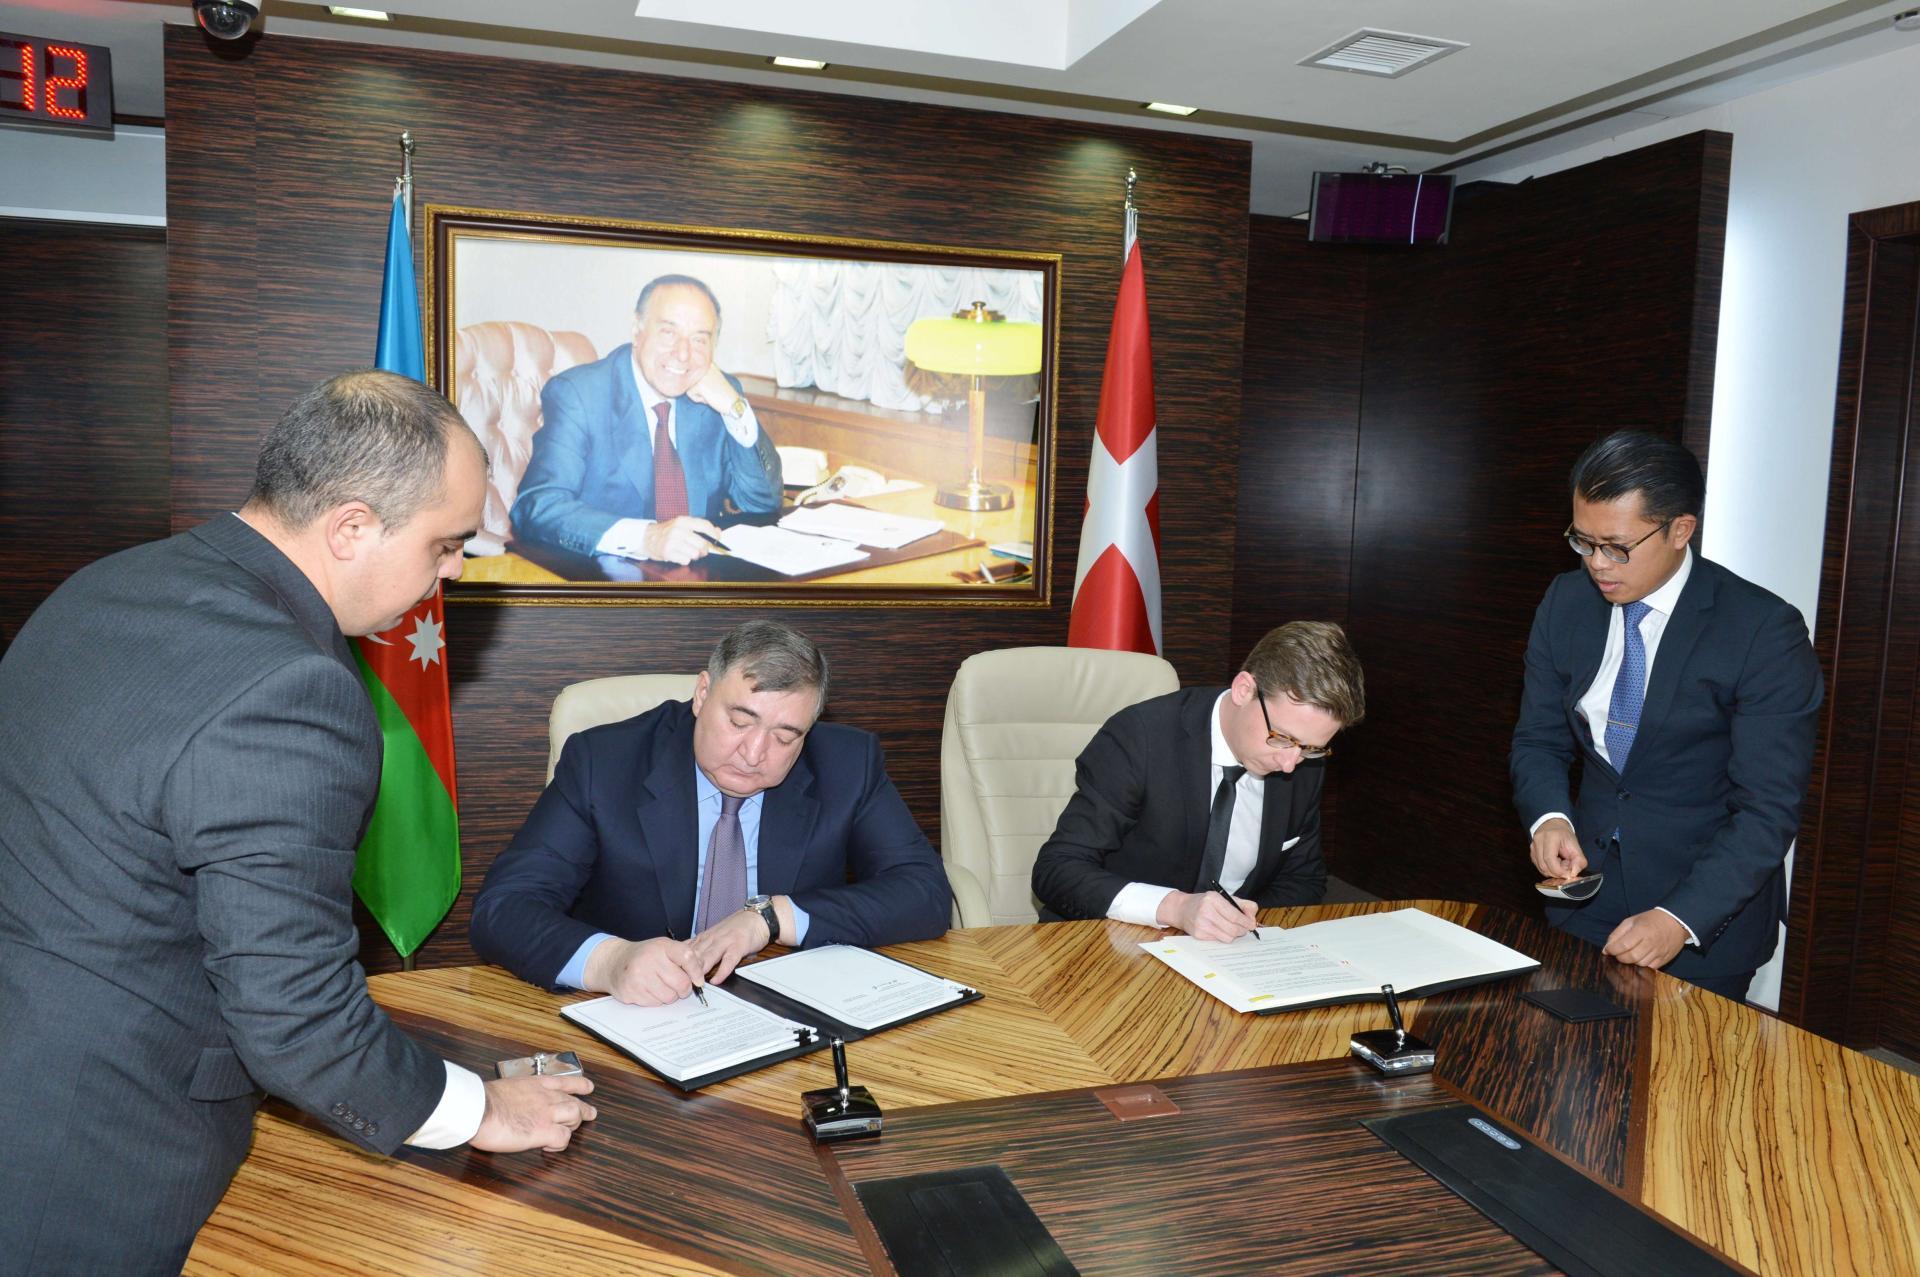 Азербайджан и Дания подписали Конвенцию об избежании двойного налогообложения (ФОТО)